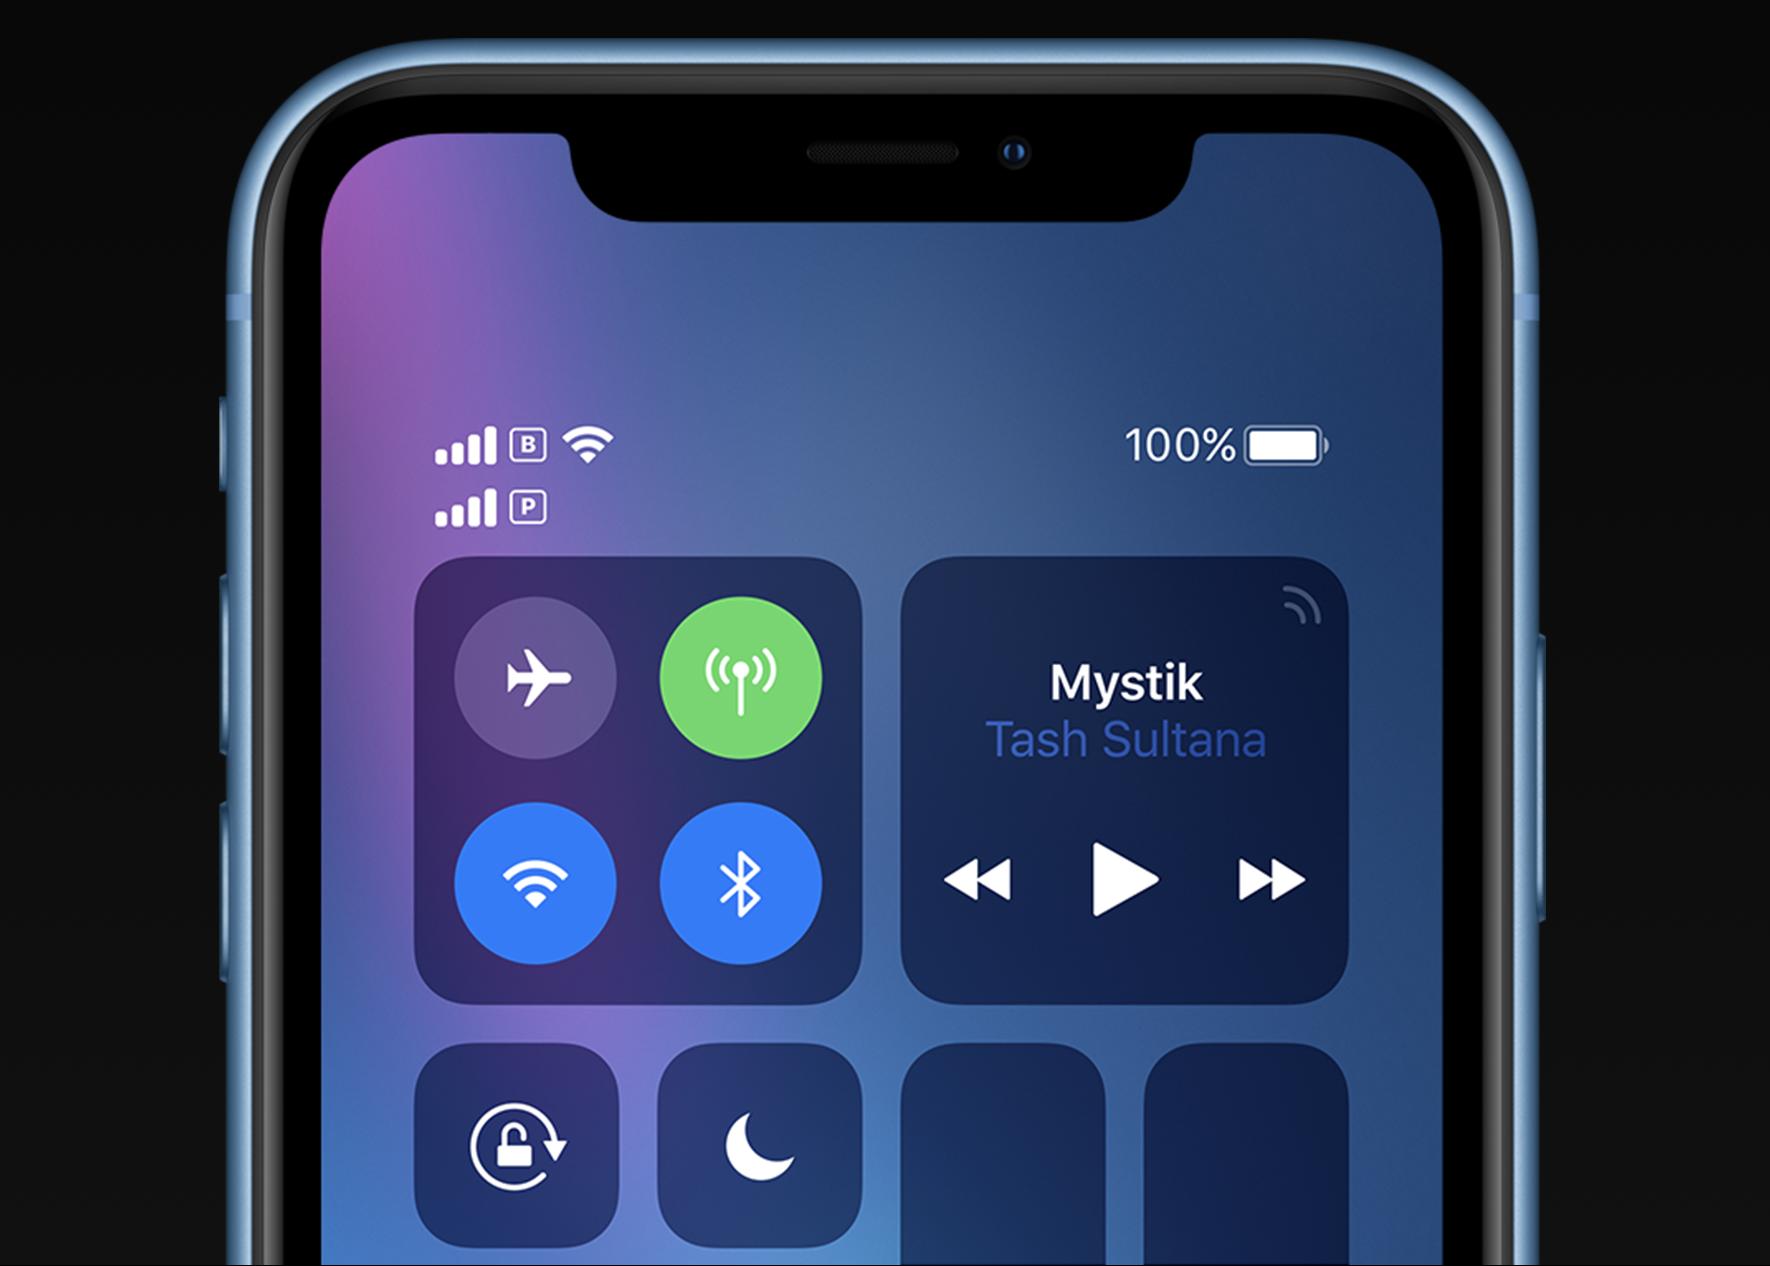 iPhone, iPhone X, iPhone XS. iPhone XR, iPhone XS Max, 蘋果,發布會,apple,apple watch,雙卡雙待,esim,